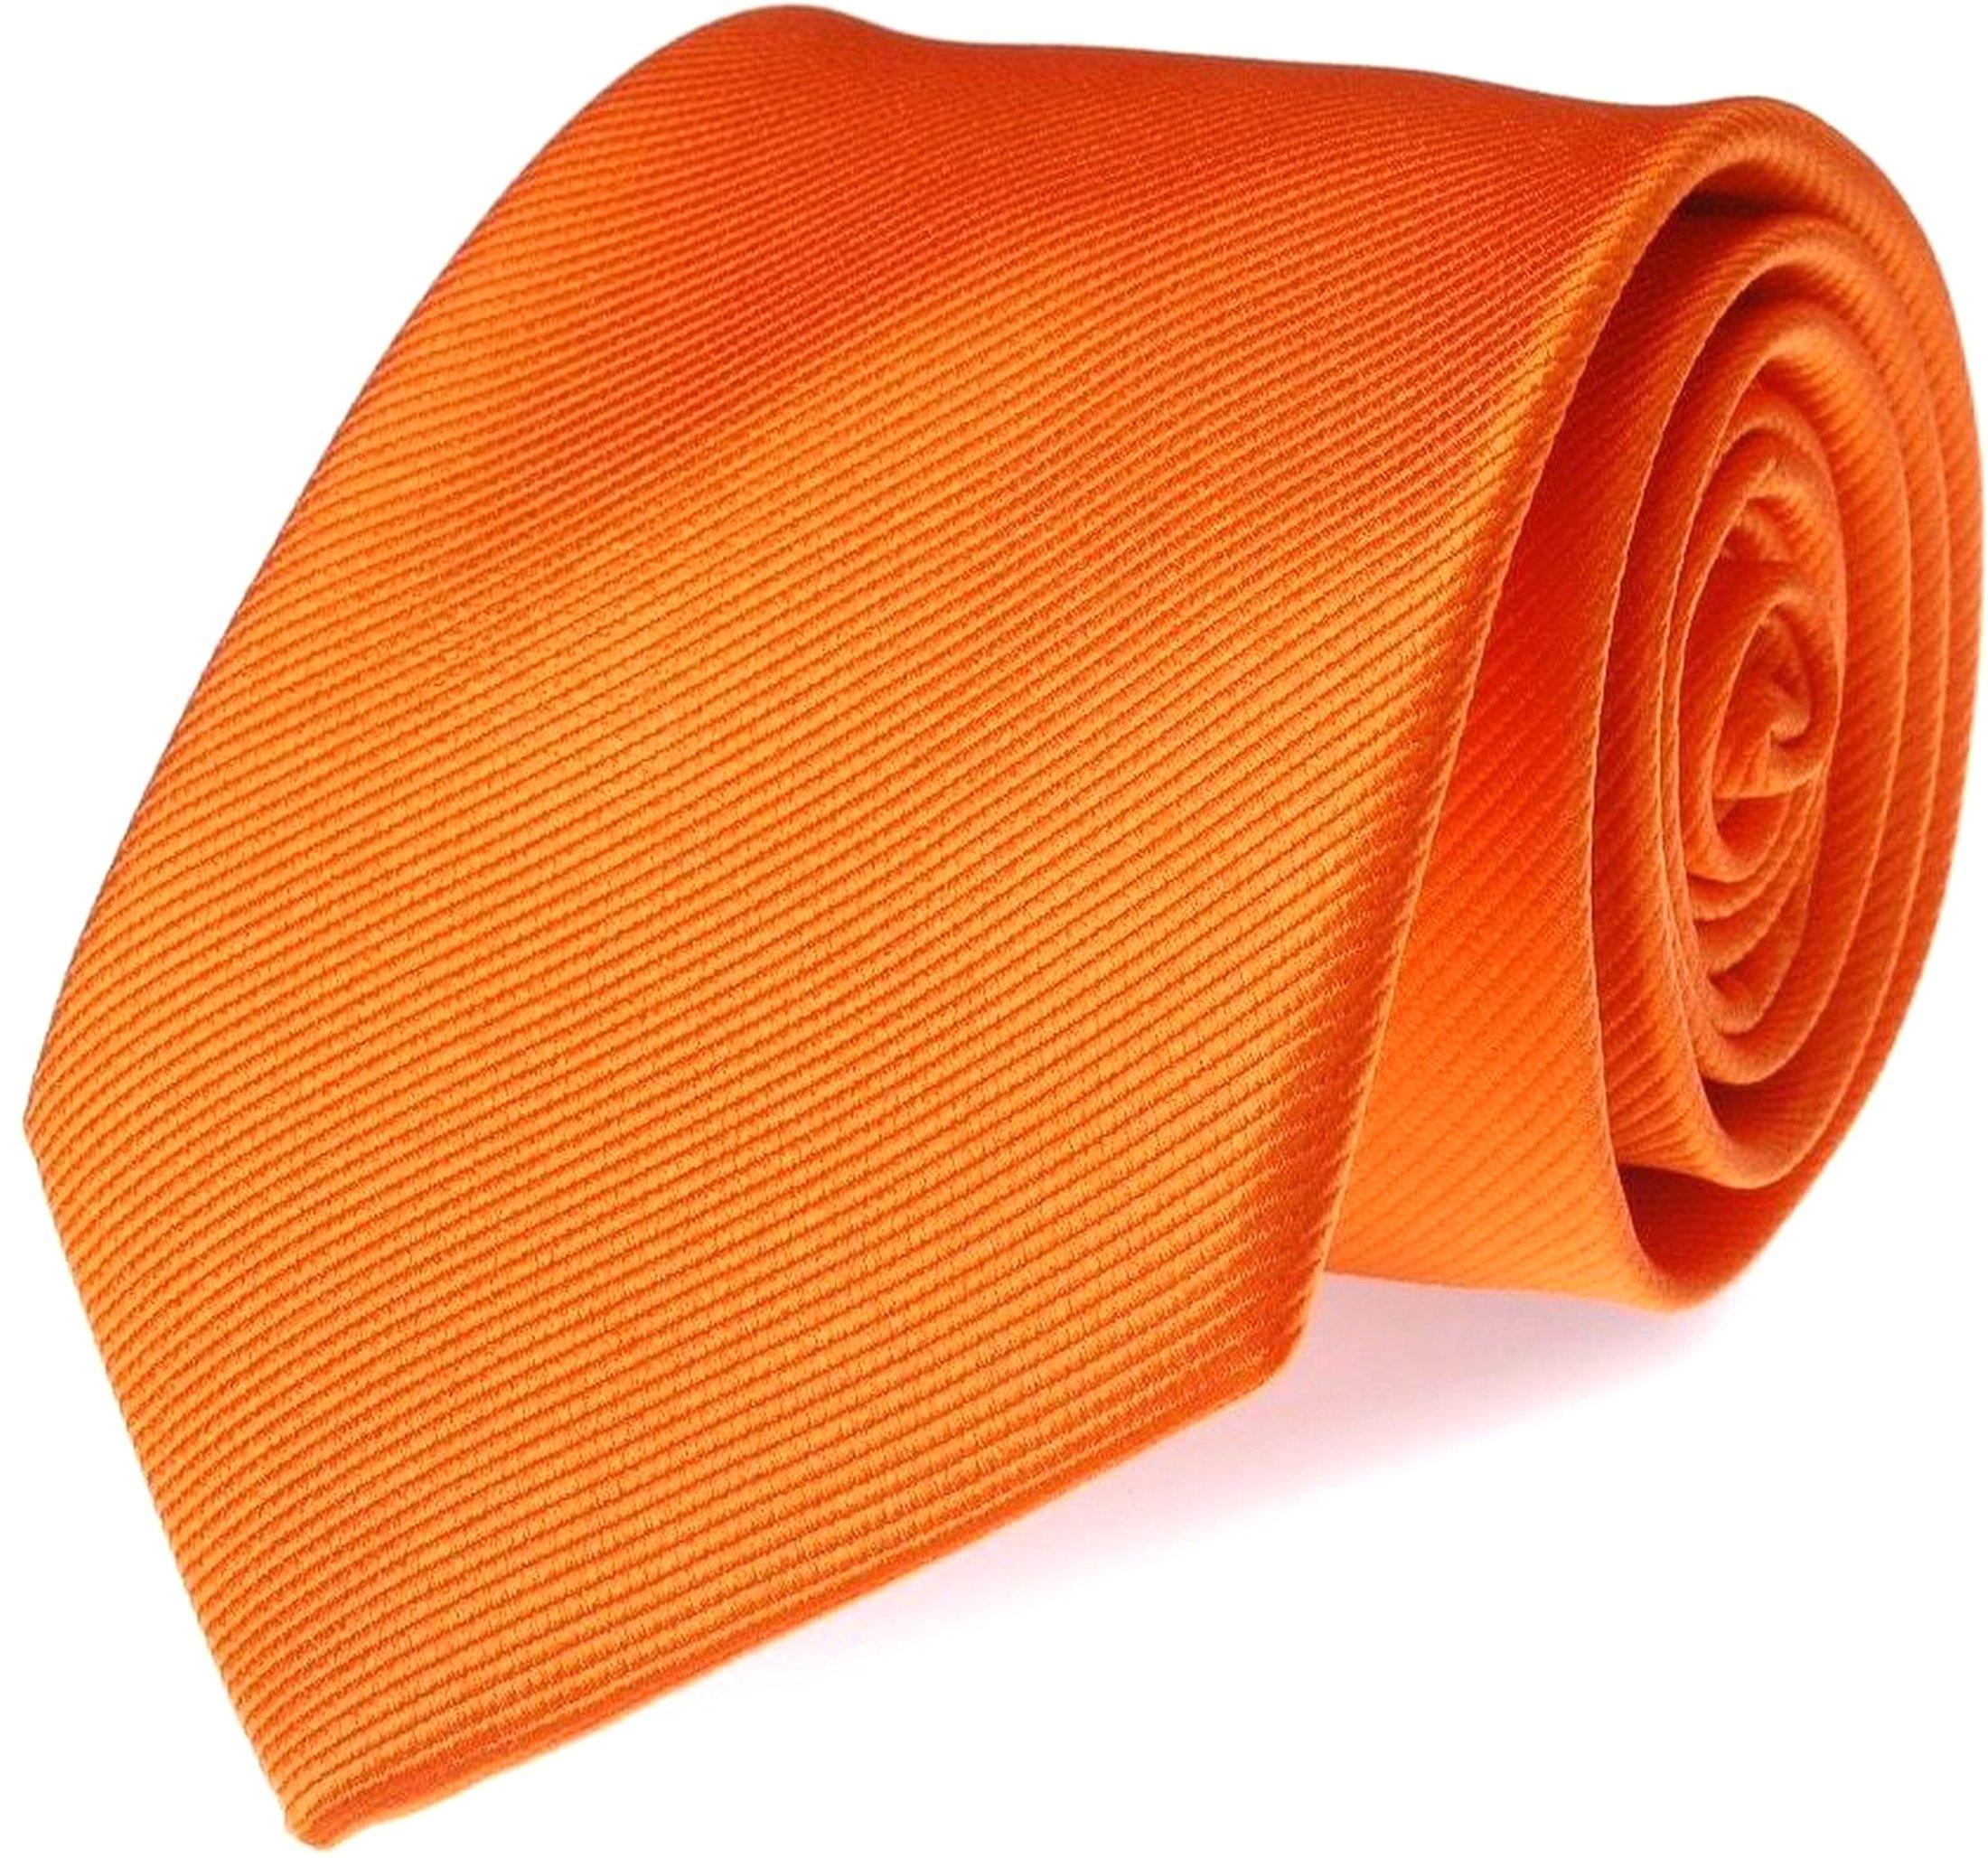 Krawatte Seide Orange Uni F01